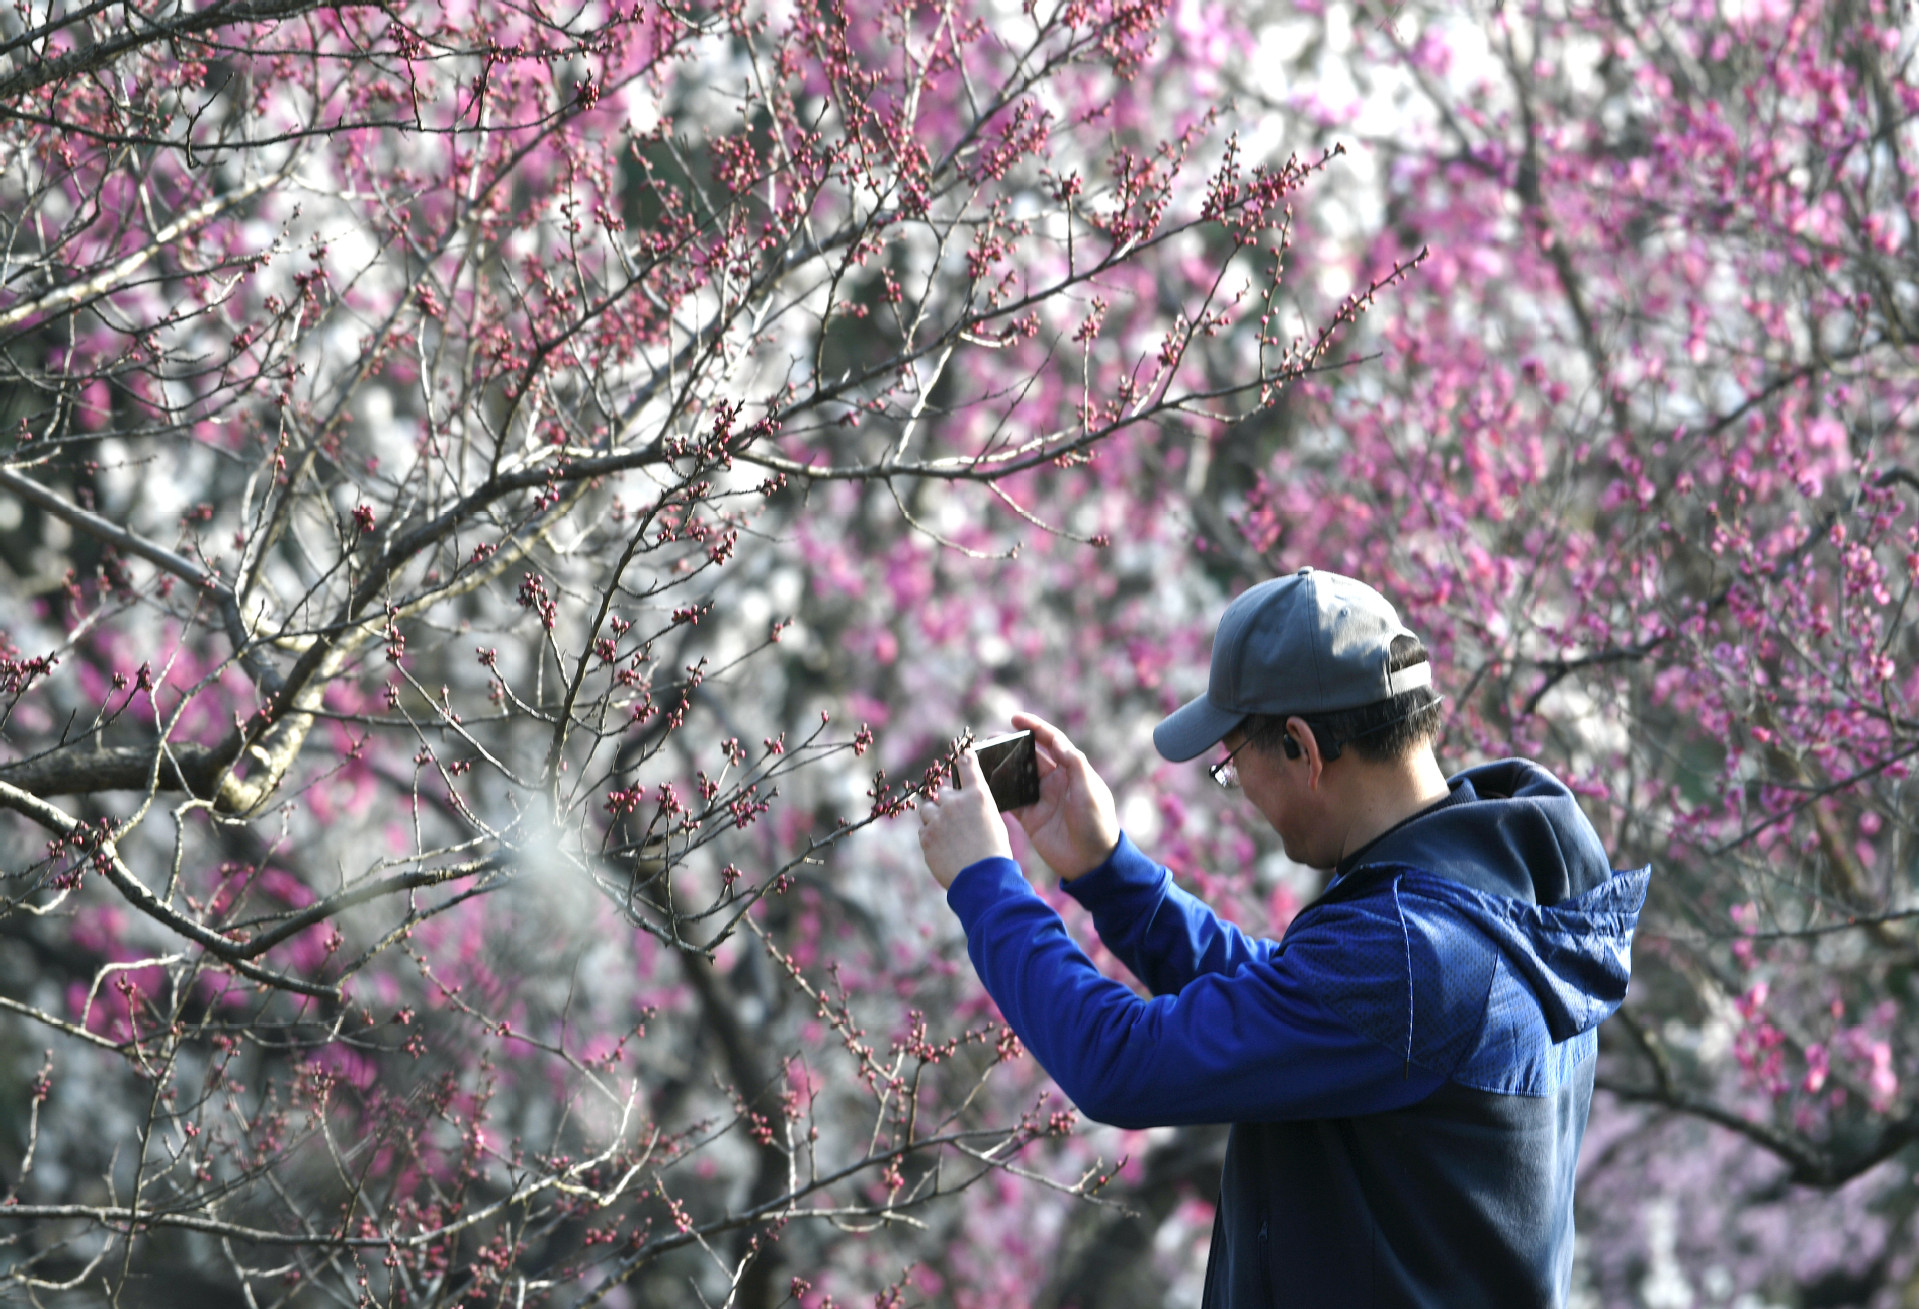 2021年2月16日,南京市,梅花山的数万株梅花进入盛花期,吸引市民和游客前来观赏。 杨素平 摄